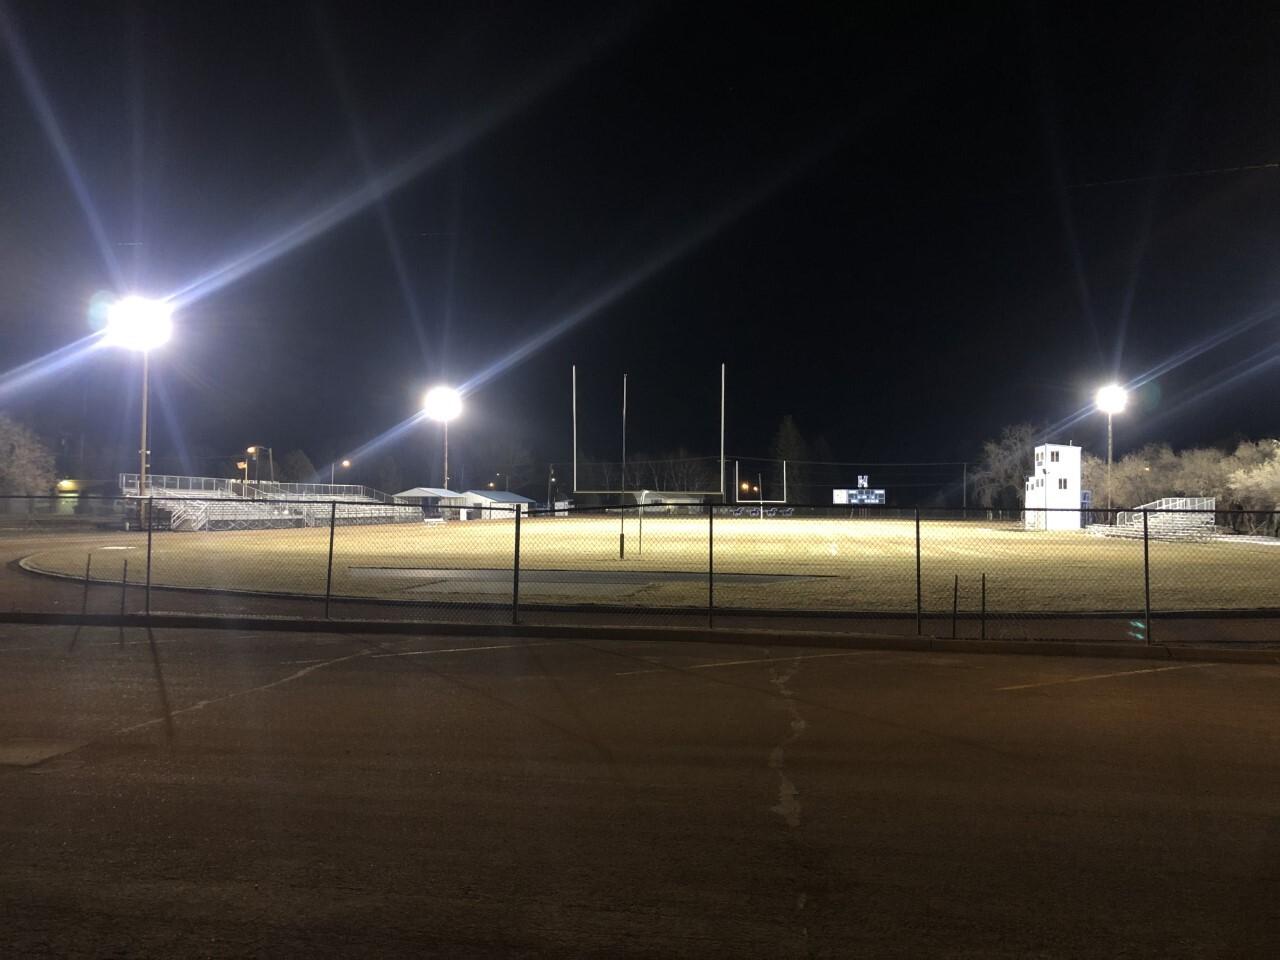 Malta football field lights